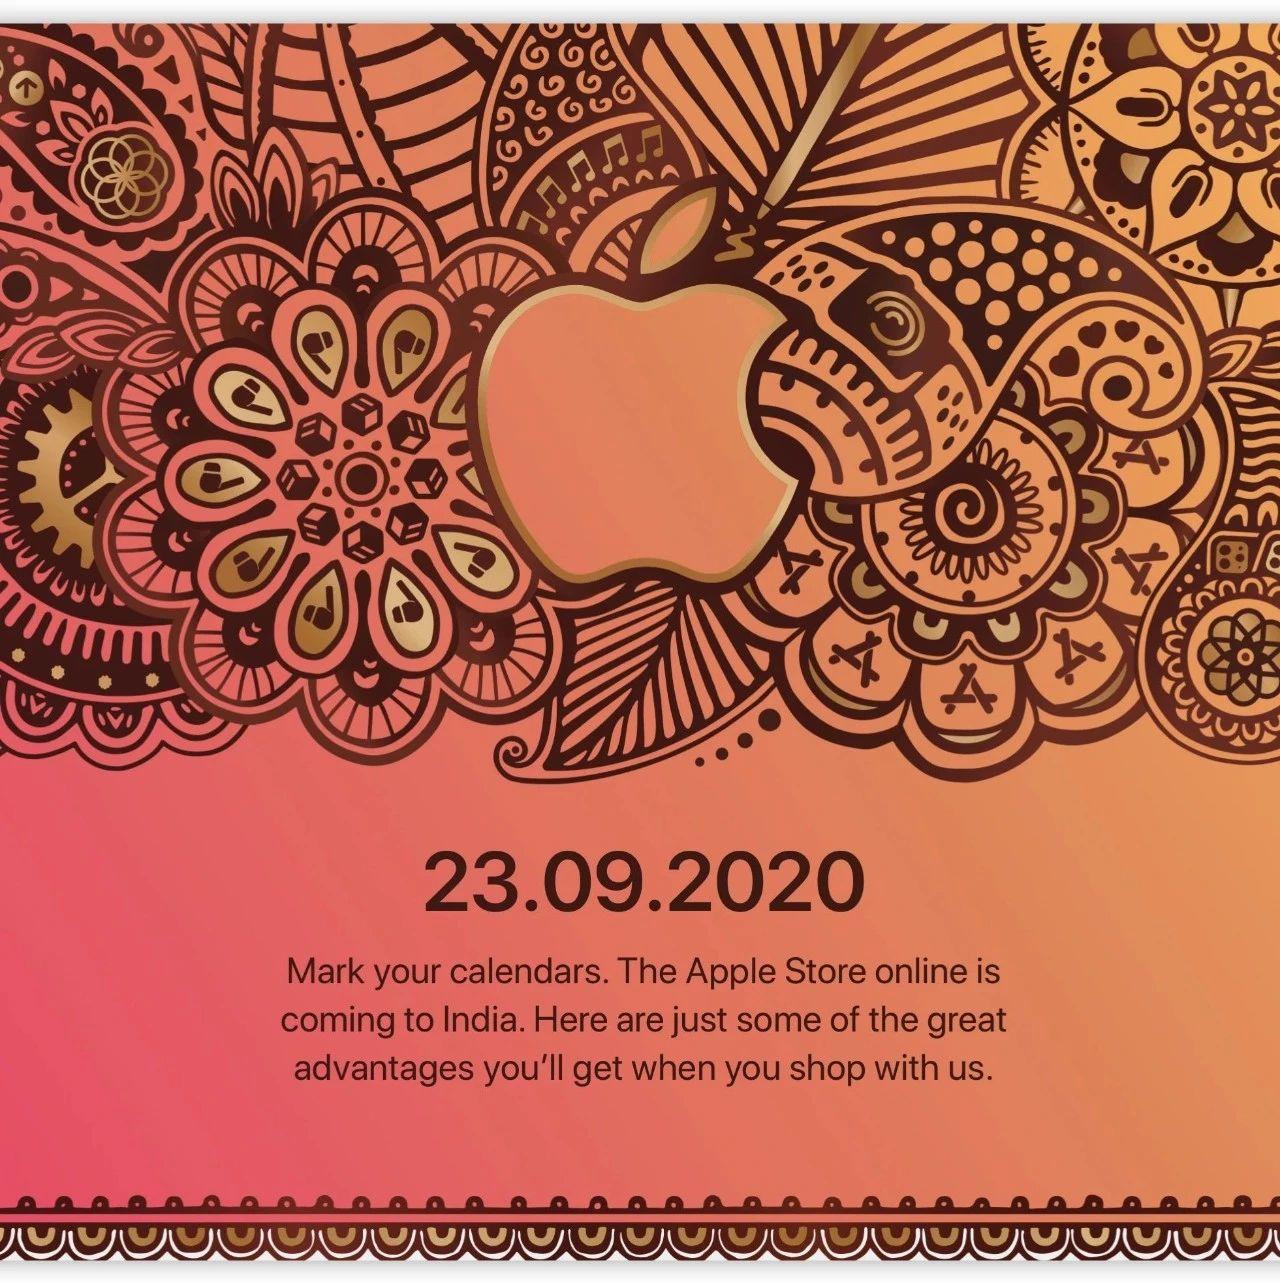 印度 Apple Store 在线商店下周「开店营业」